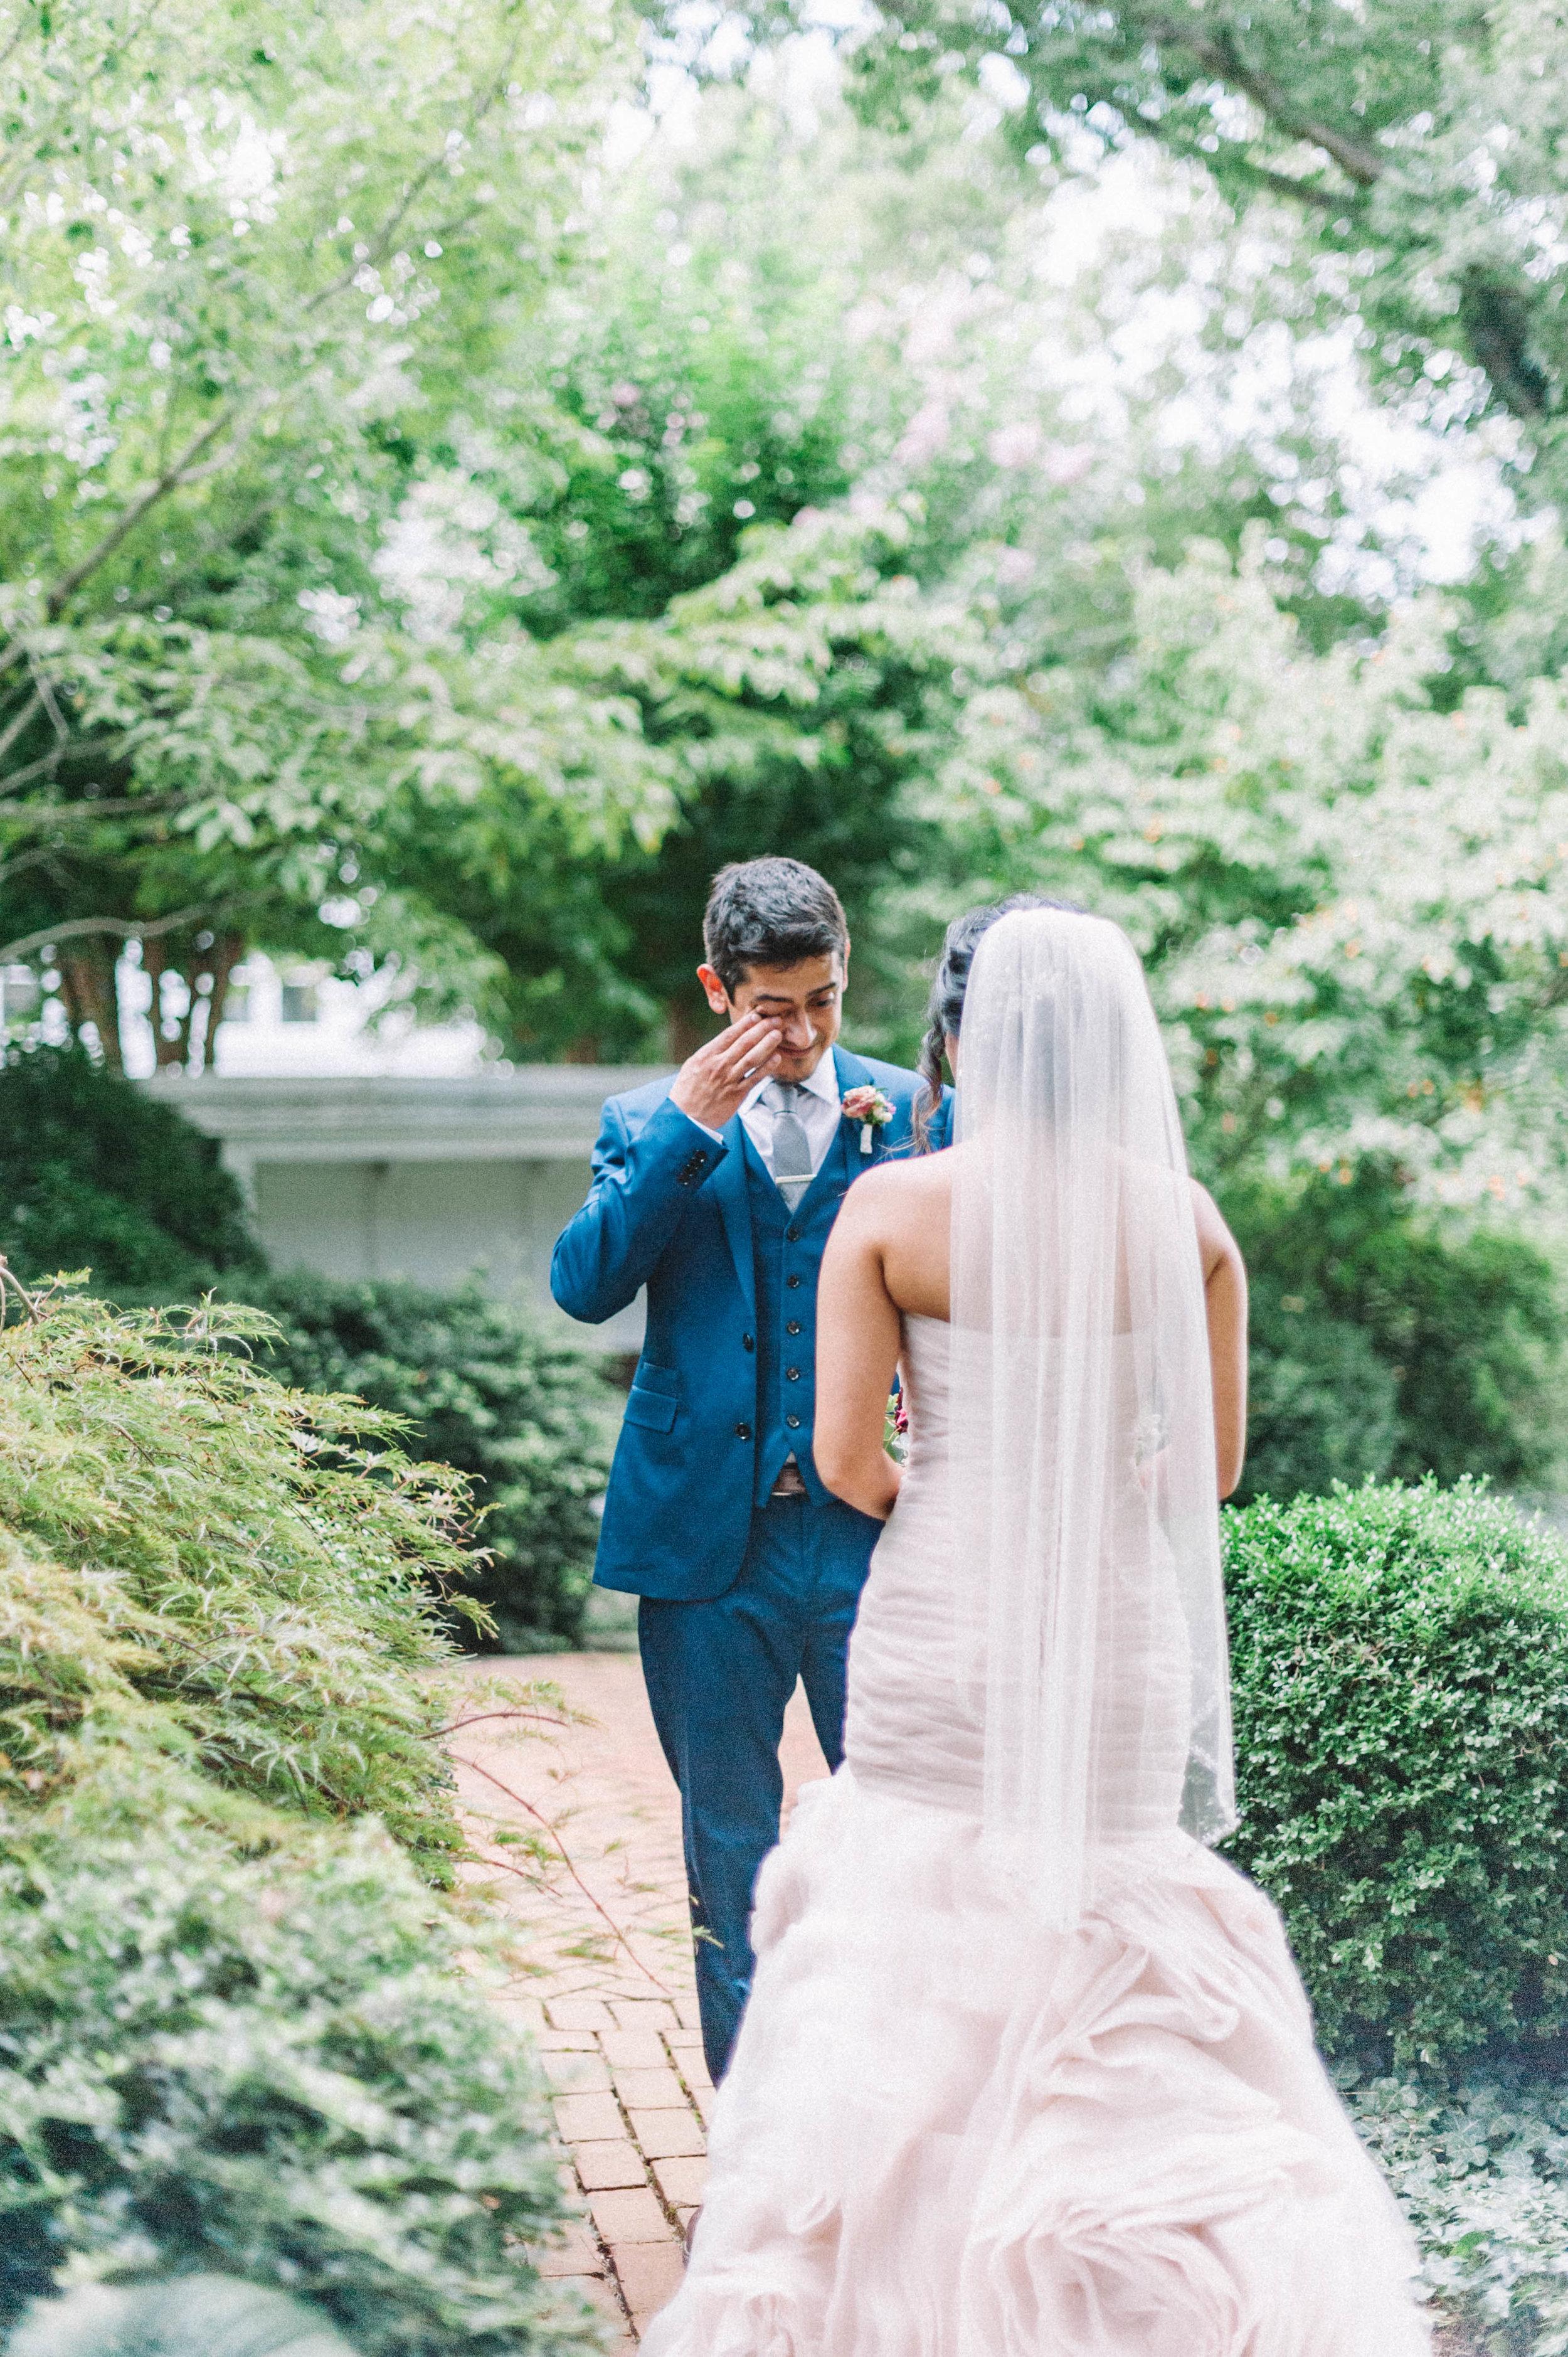 keswickvineyardweddingphotographersarahhouston